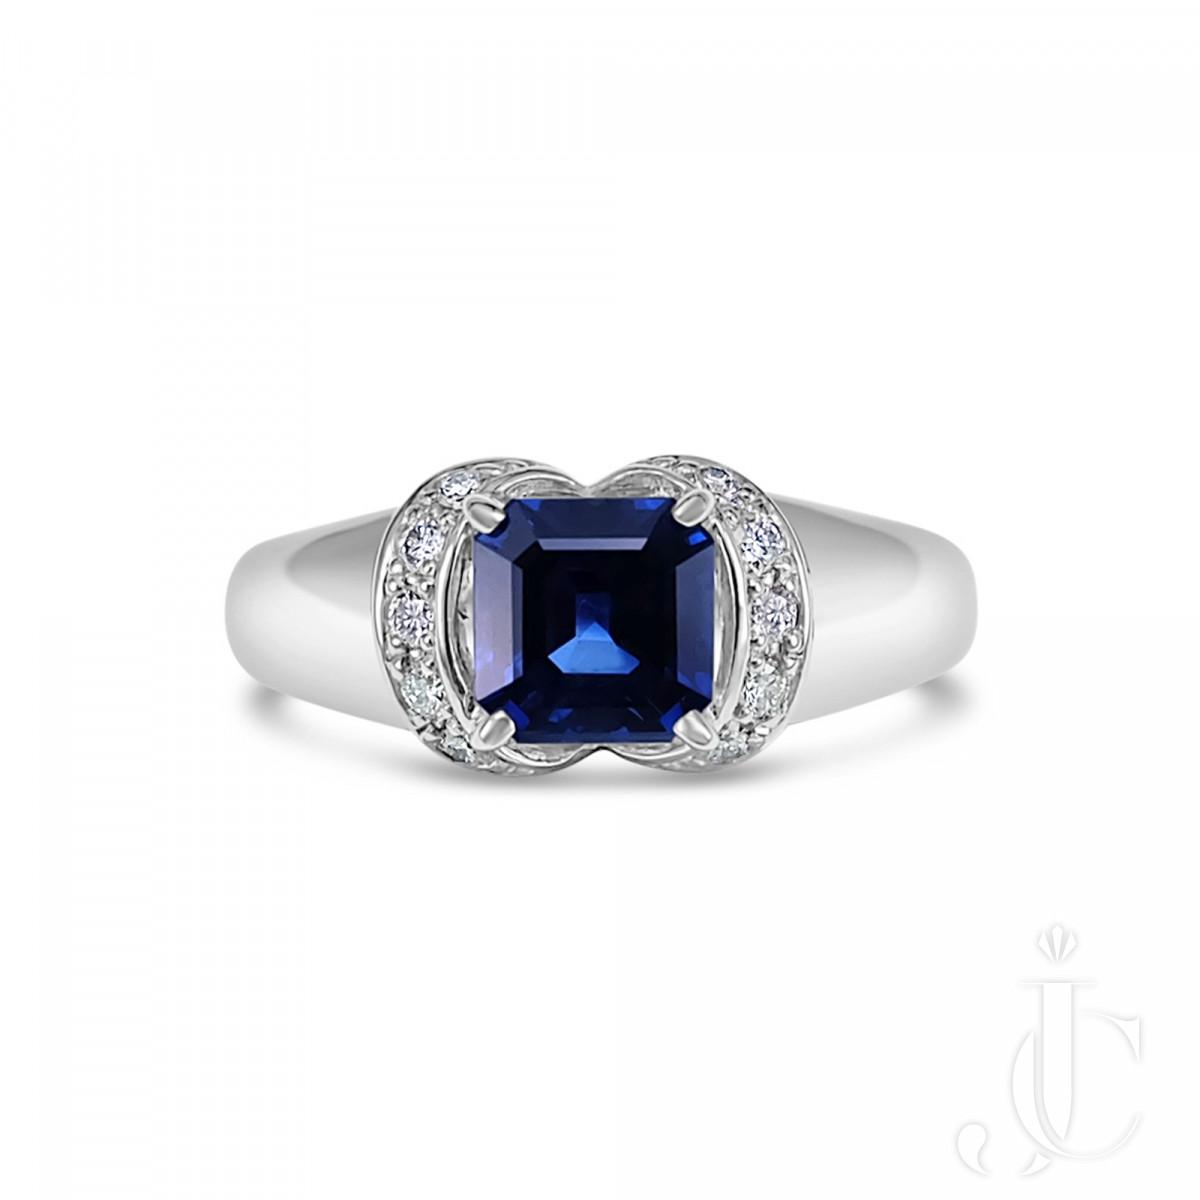 0.97 Carat Vivid Blue Sapphire Solitaire Platinum 900 Ring